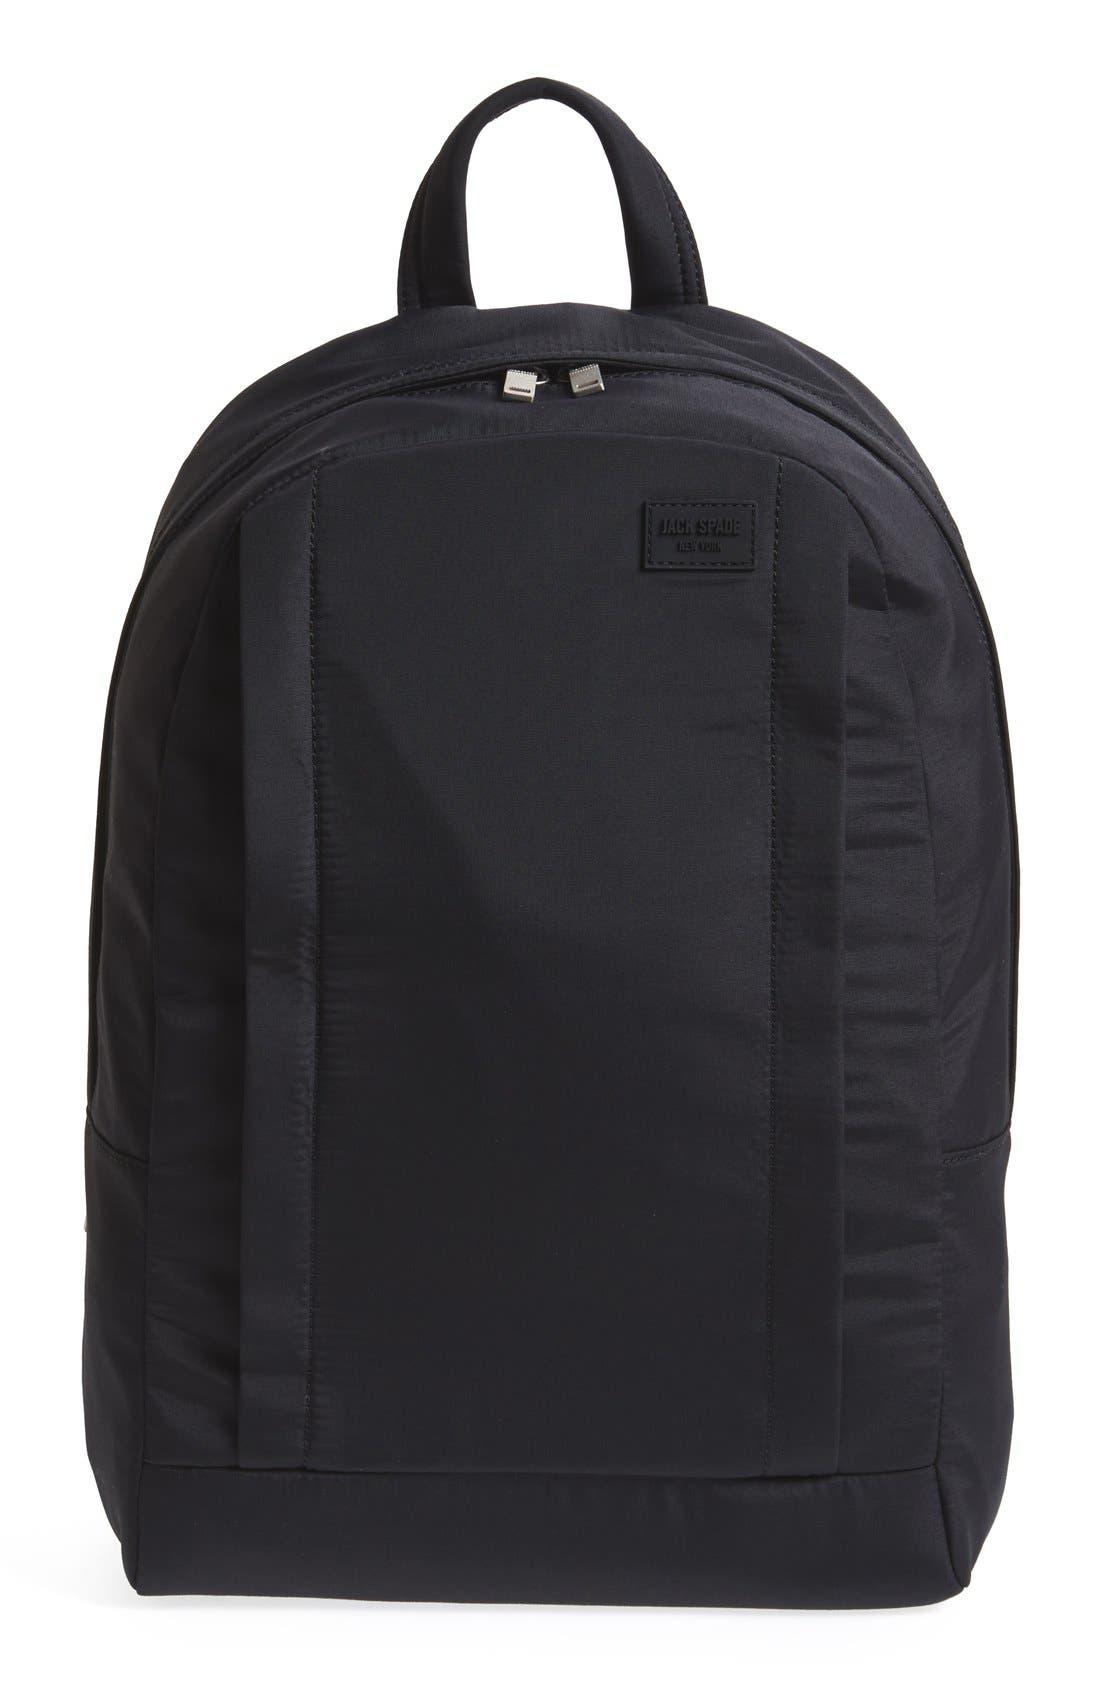 JACK SPADE,                             'Tech' Nylon Backpack,                             Main thumbnail 1, color,                             001